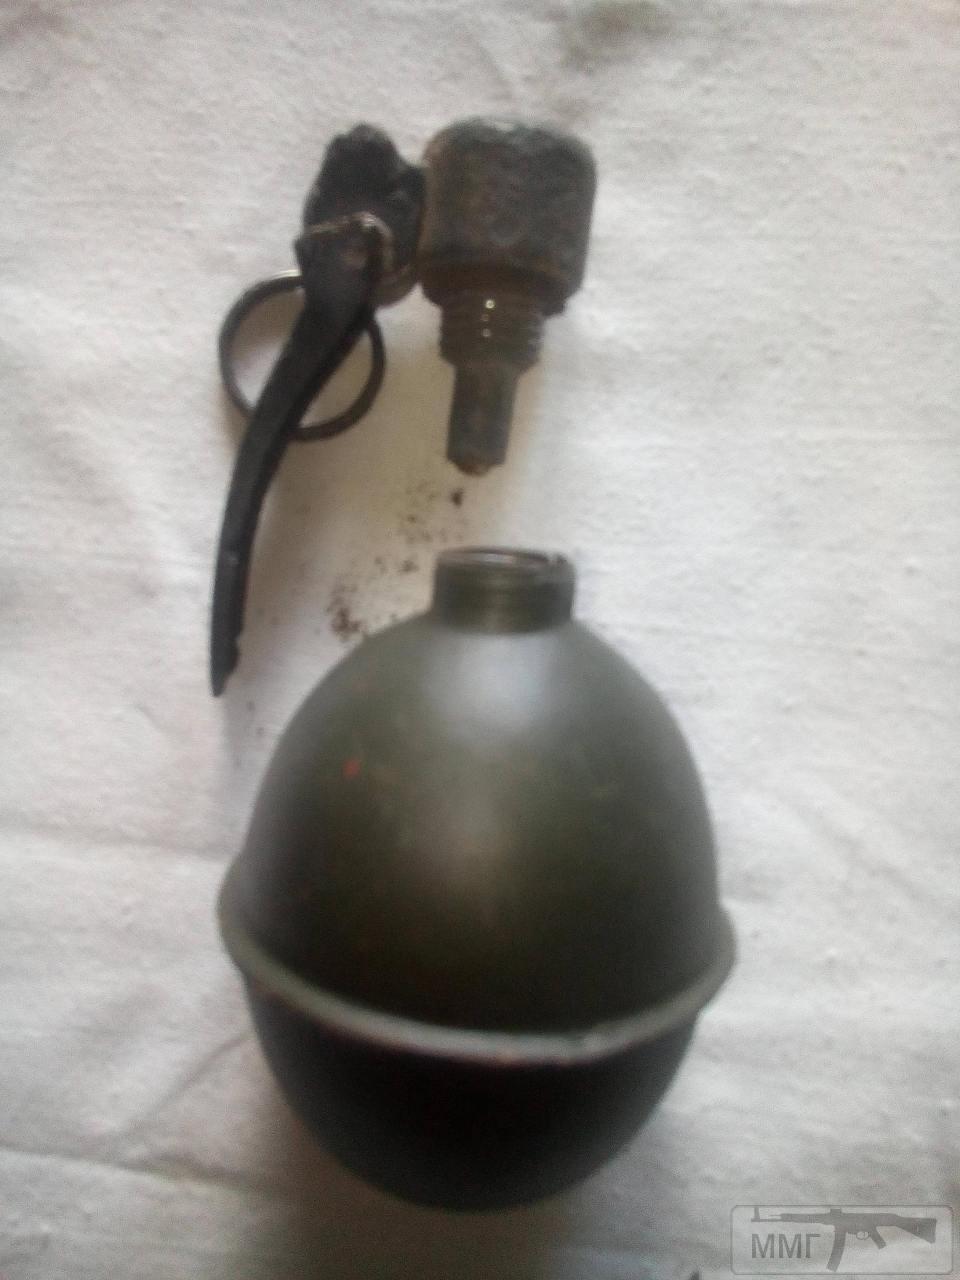 47126 - Ручная наступательная  граната Z-23 Польша